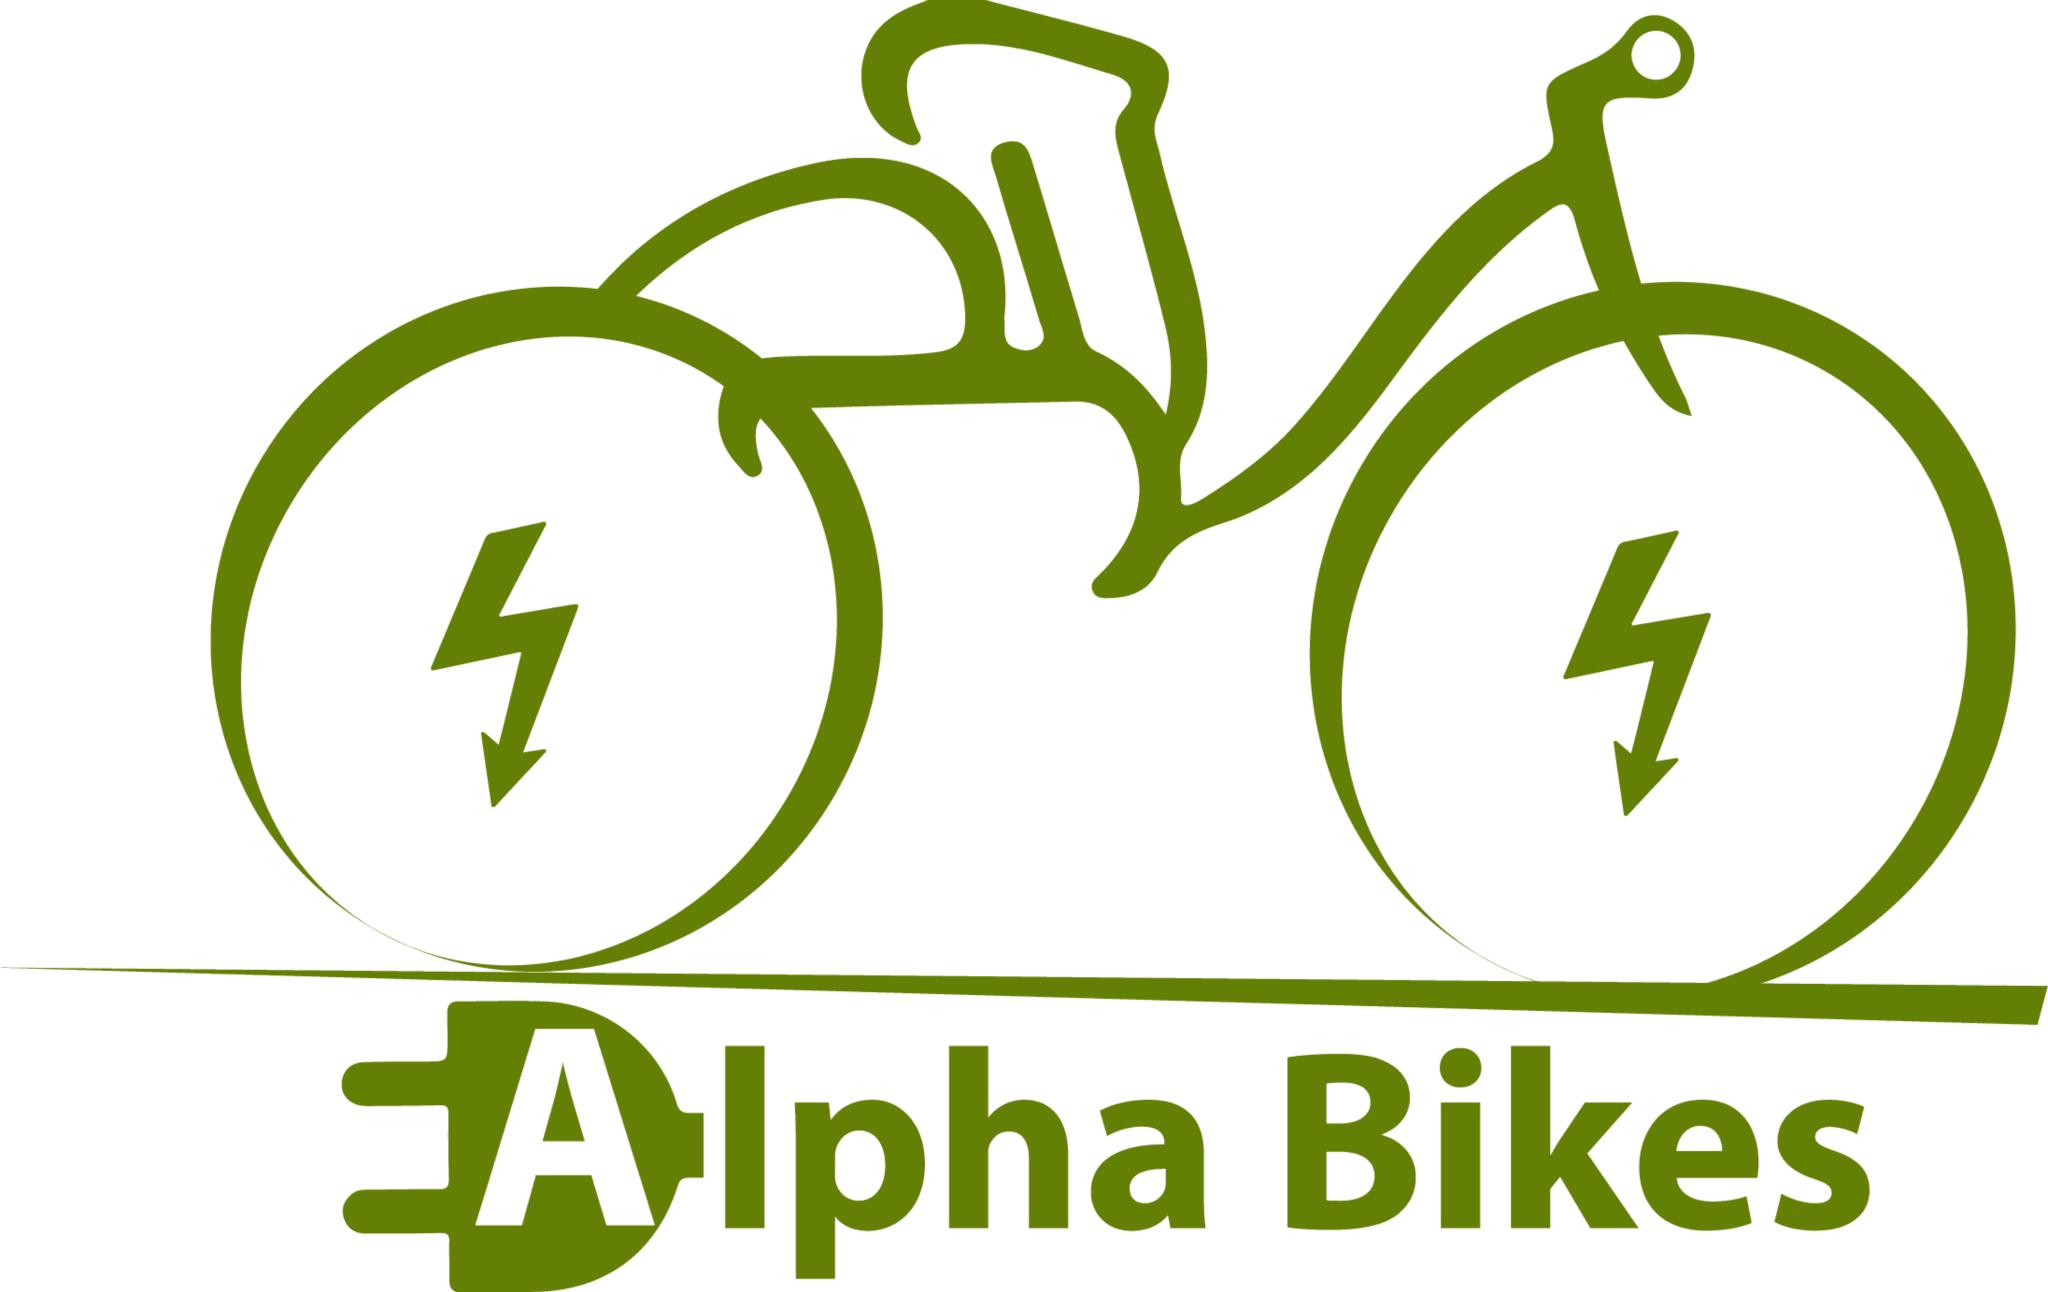 אלפא בייקס, אופניים חשמליים נתניה, חנות אופניים חשמליות רמת גן